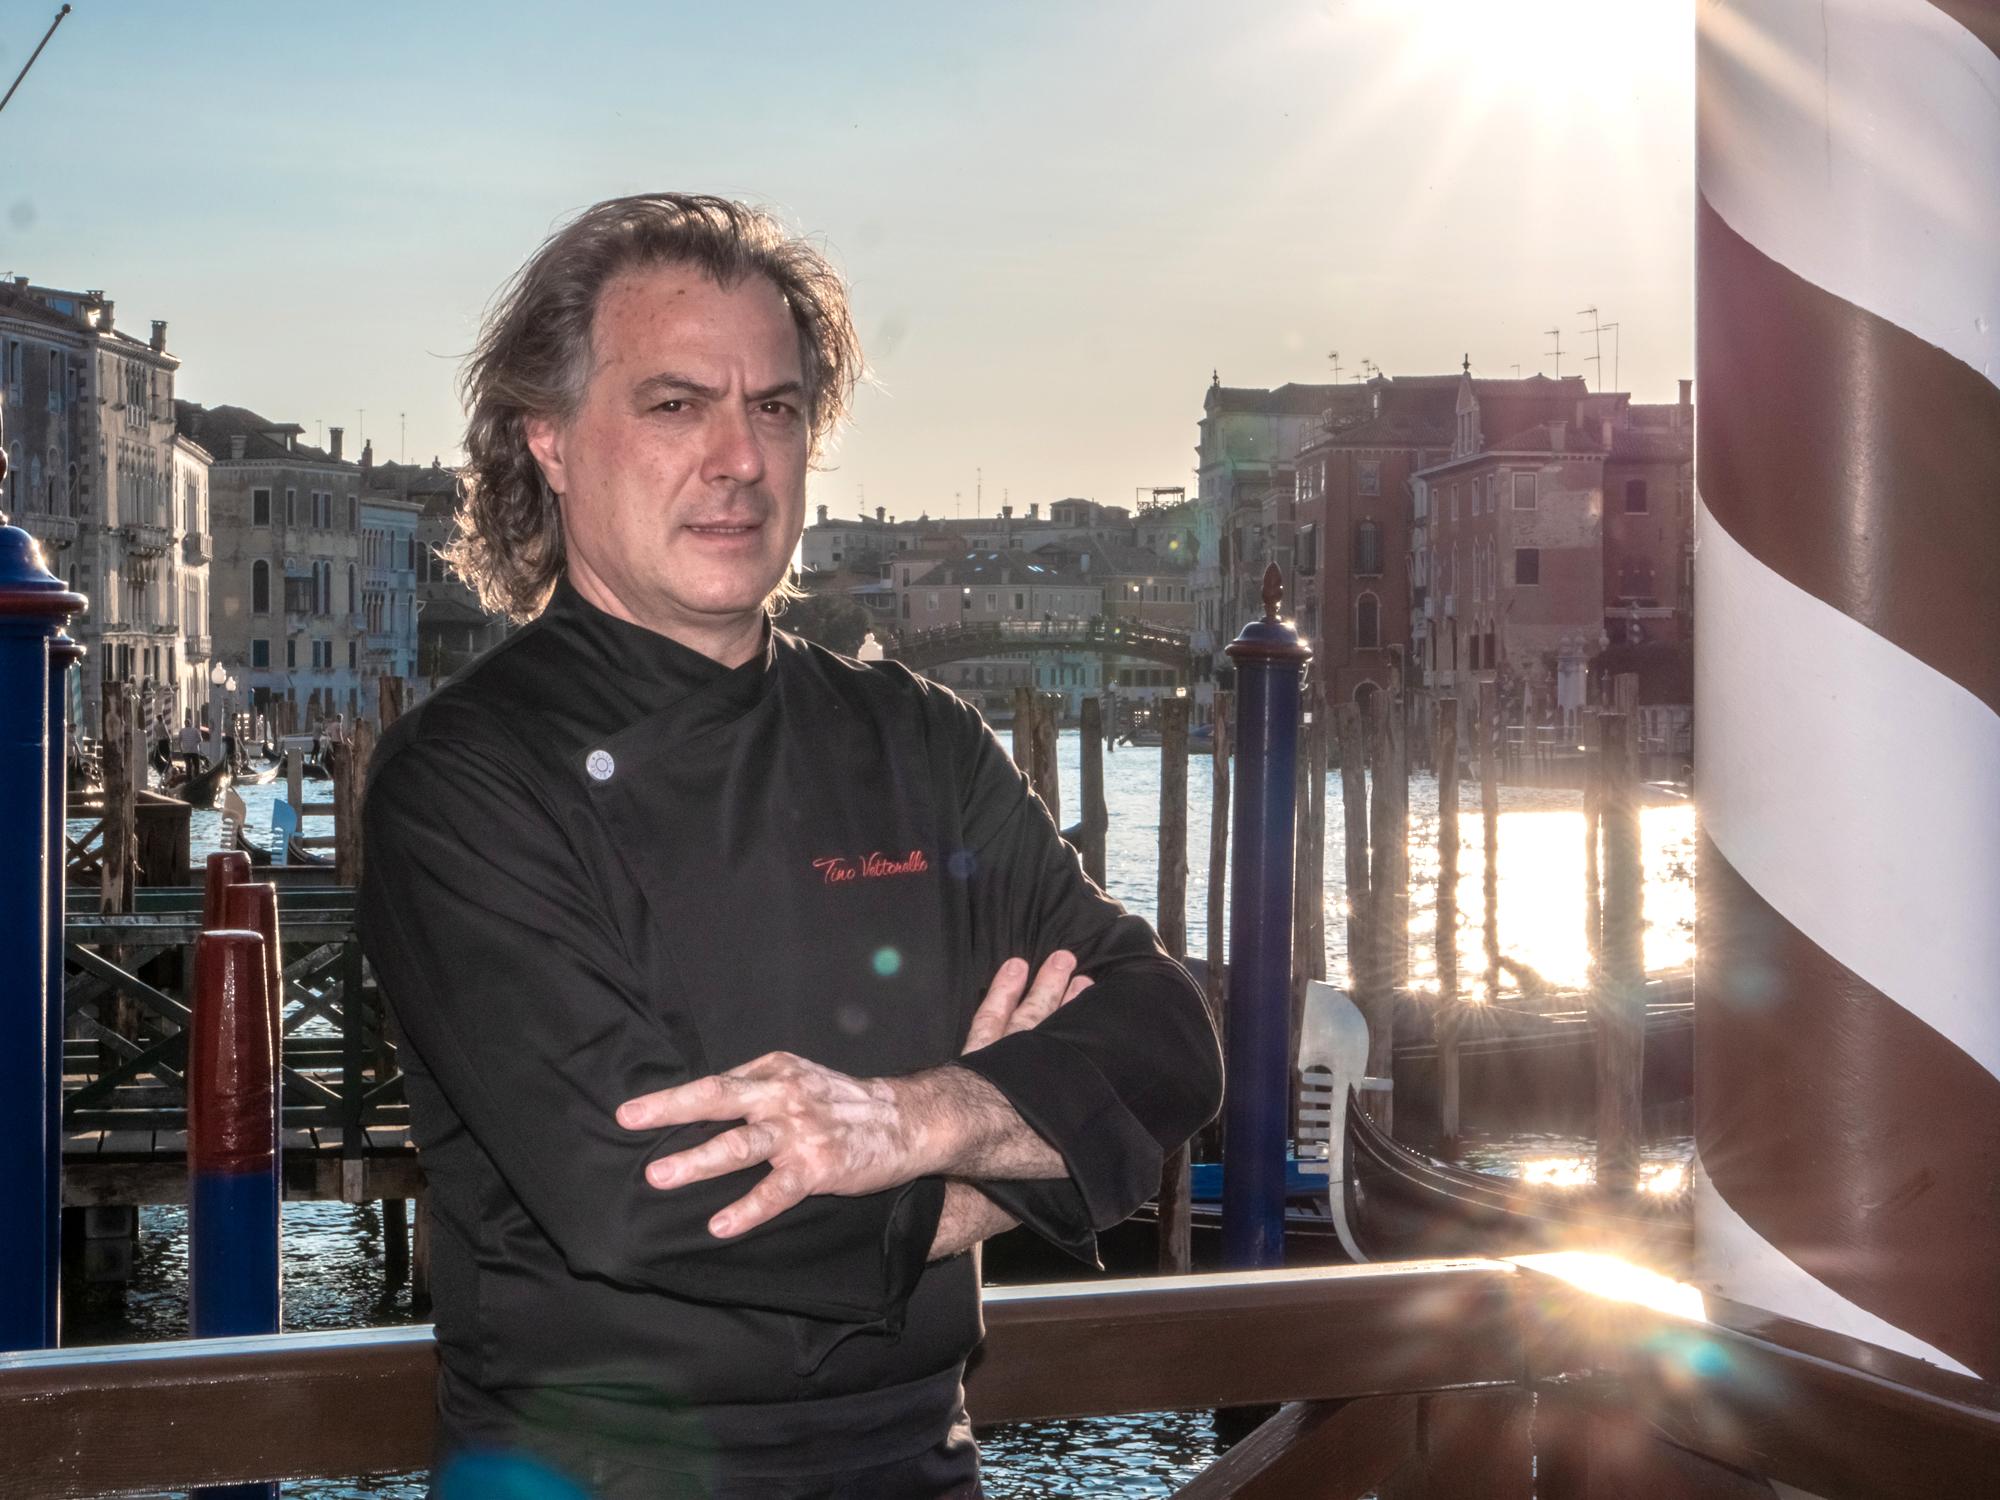 A Venezia 77 torna lo Chef internazionale Tino Vettorello